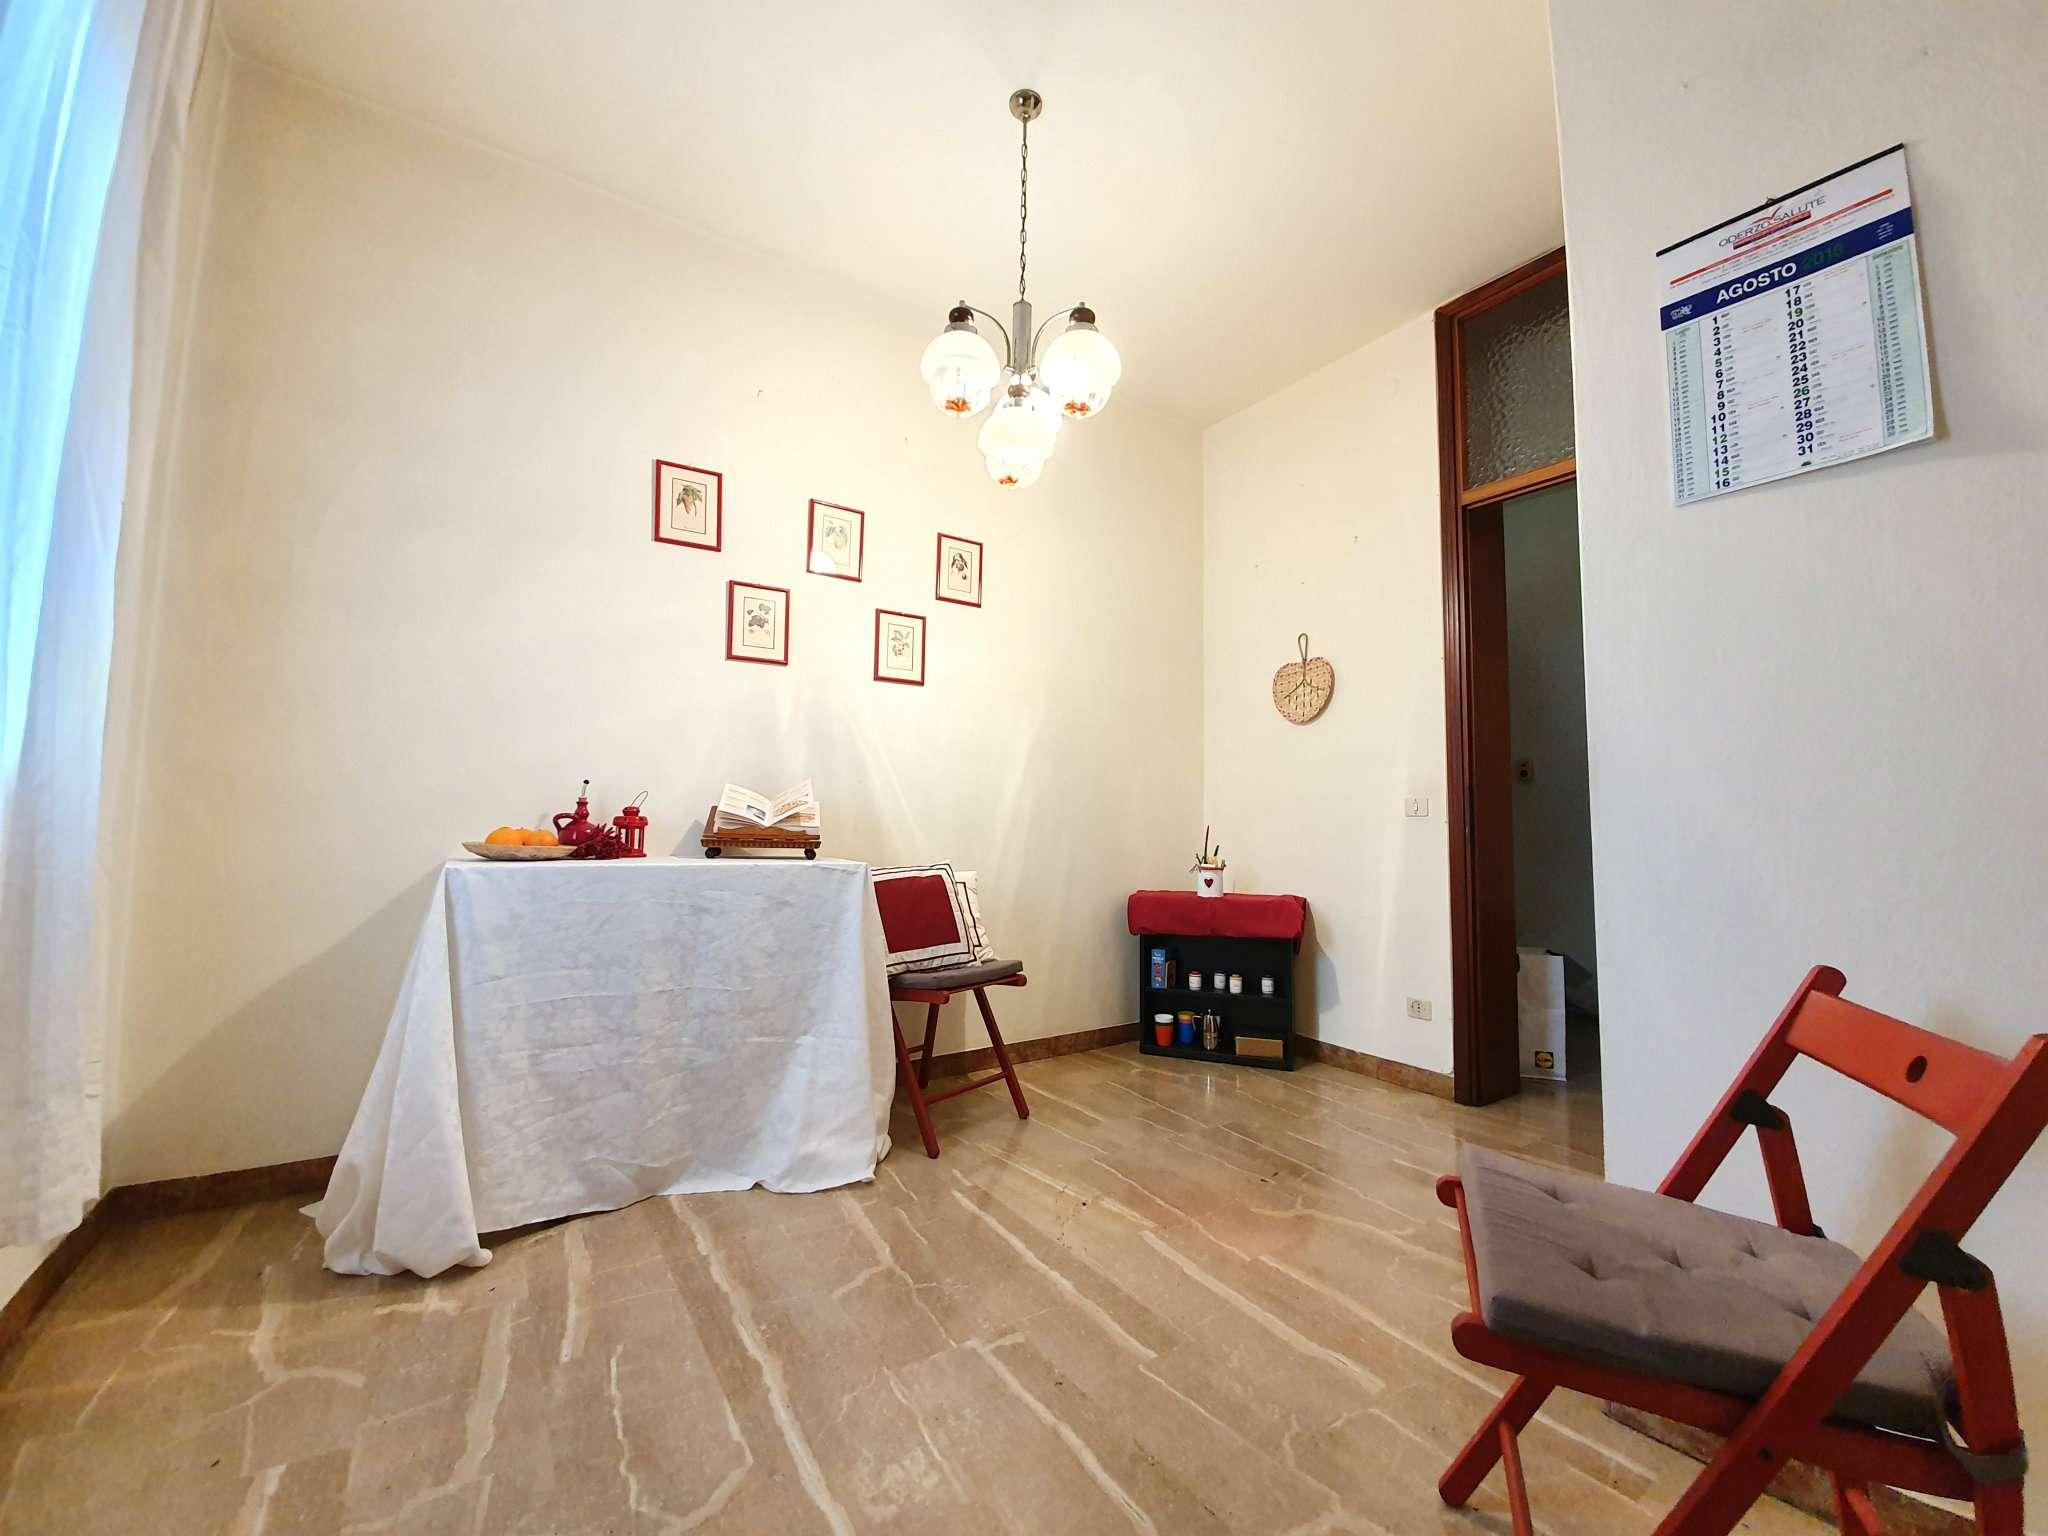 Appartamento in vendita a Oderzo, 2 locali, prezzo € 65.000 | CambioCasa.it